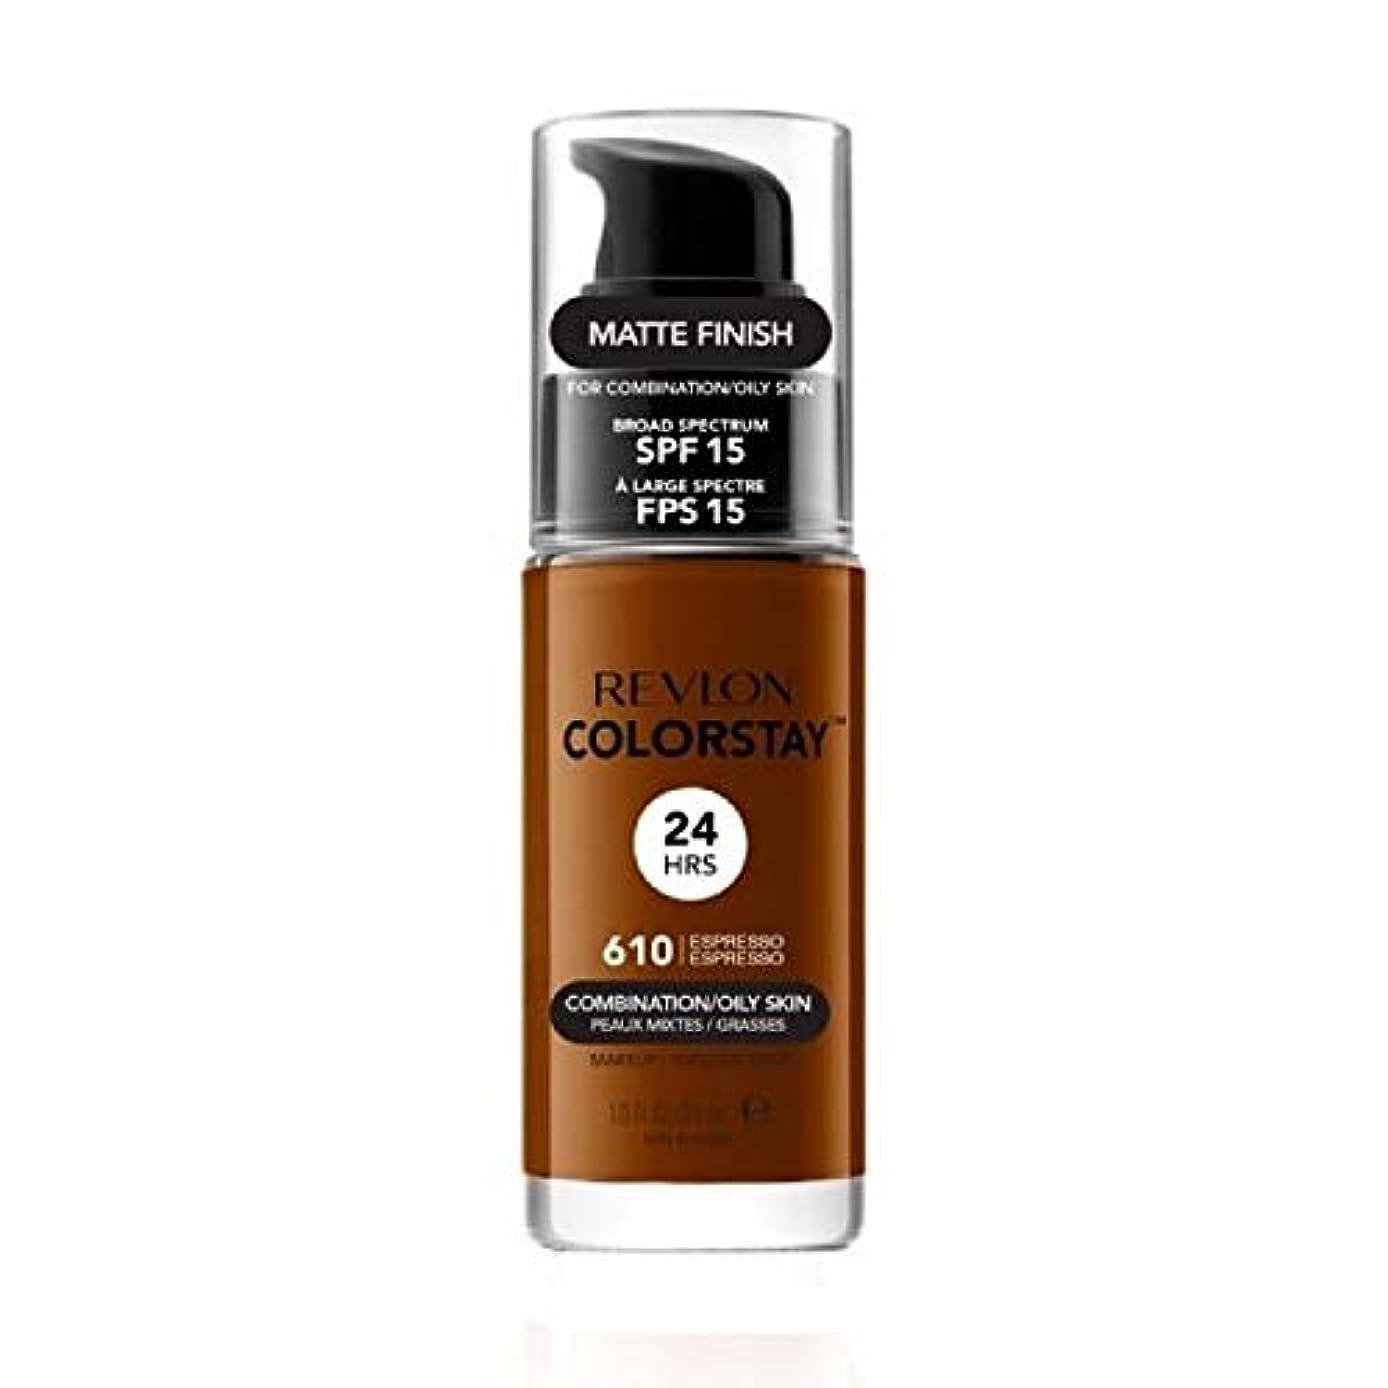 モトリーストライプステートメント[Revlon ] レブロンColorstayの基盤コンビオイリー肌の30ミリリットルのエスプレッソ - Revlon Colorstay Foundation Combi Oily skin 30ml Espresso...